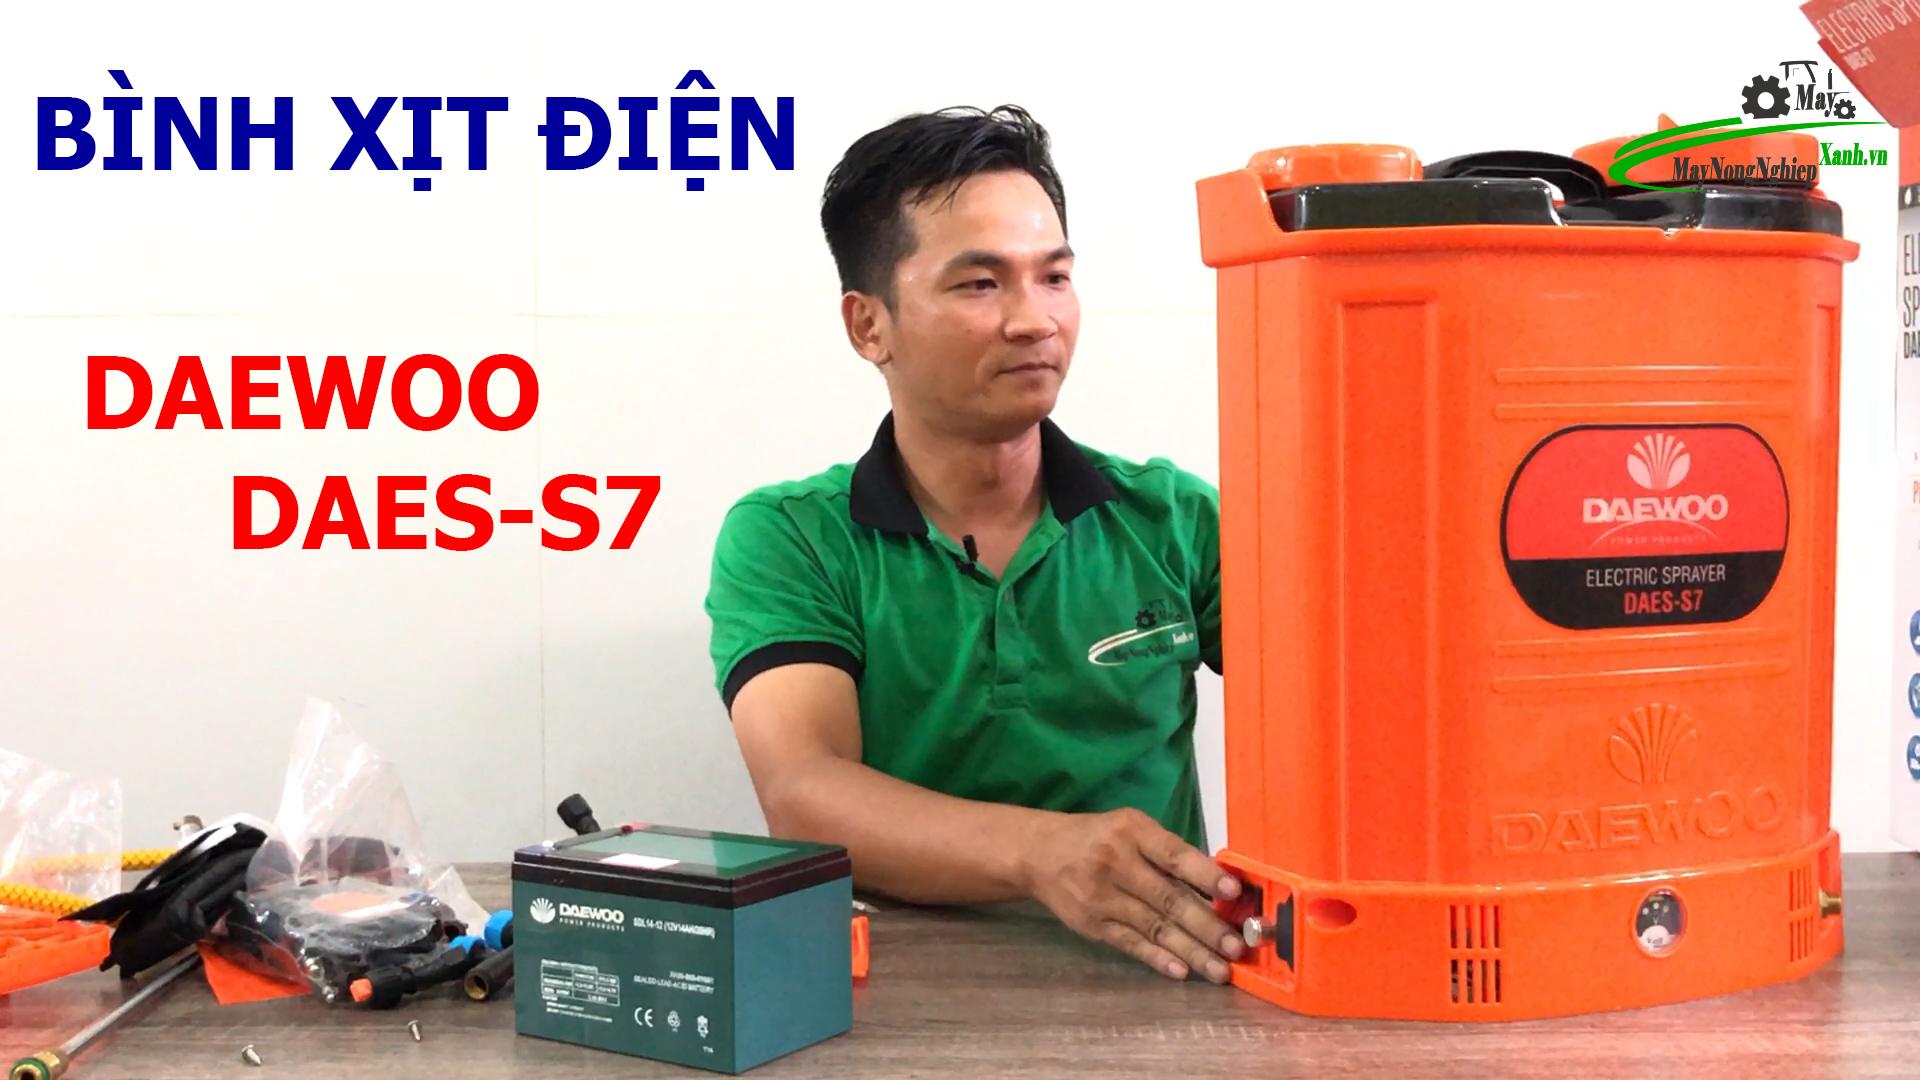 huong dan su dung binh xit dien phun thuoc sau - Hướng dẫn sử dụng bình xịt điện phun thuốc sâu và 5 lưu ý tăng tuổi thọ